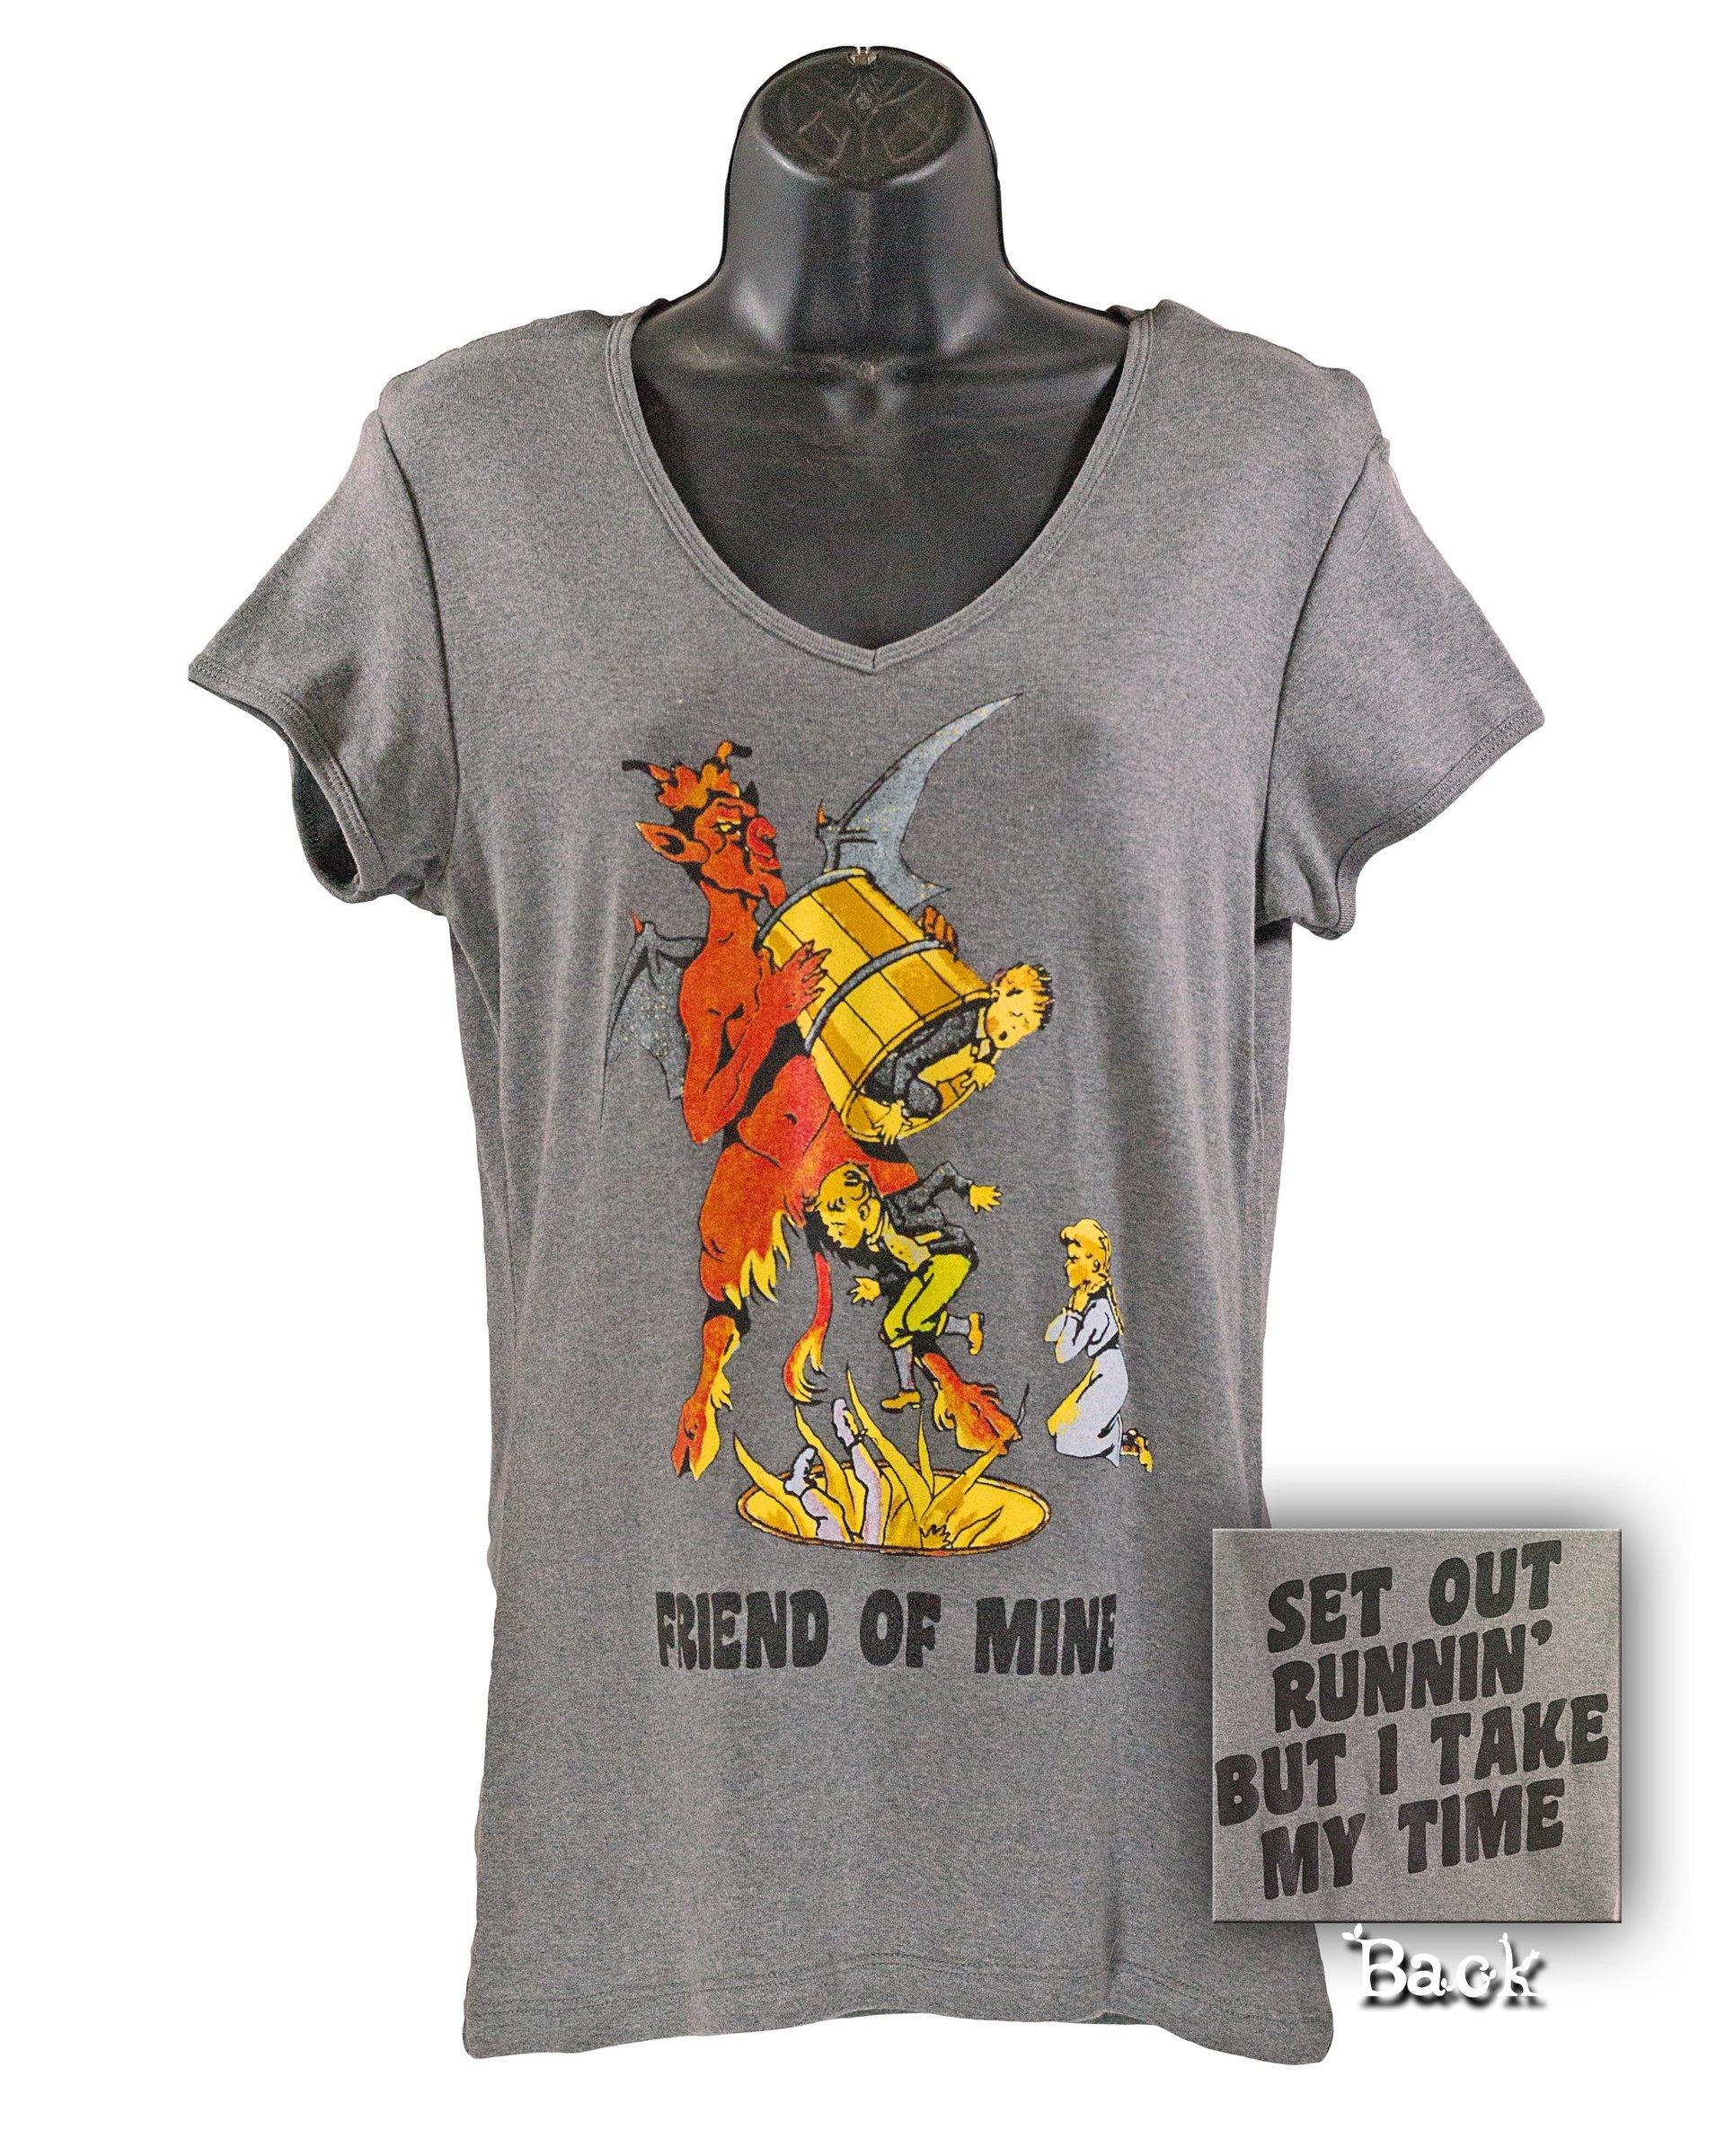 Friend Of Mine Short Sleeve Women's T-shirt